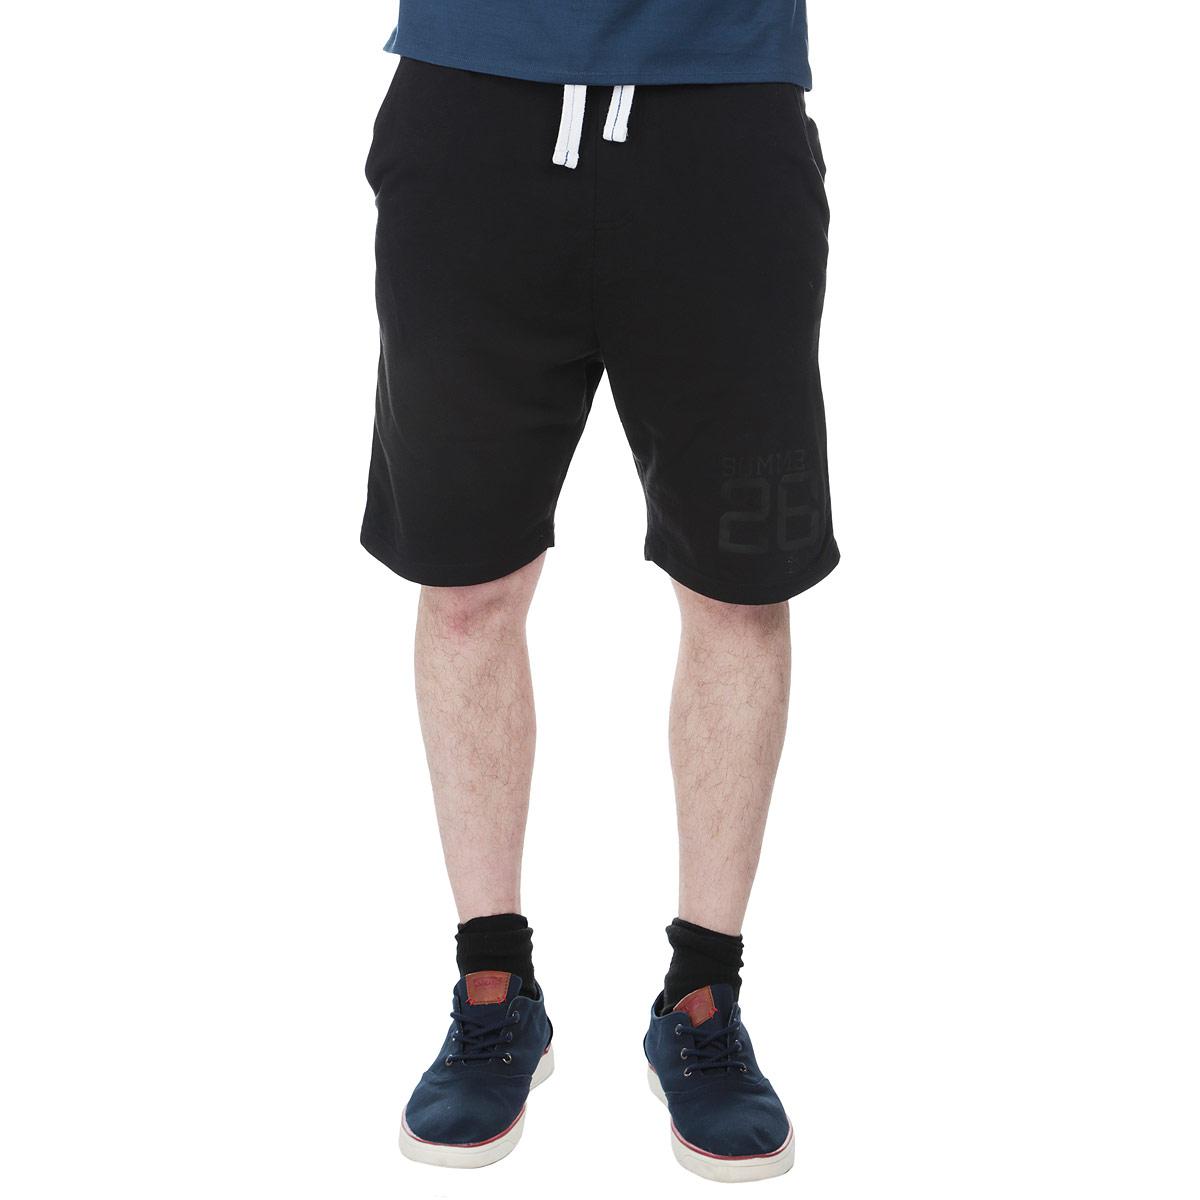 ШортыTSZ0156CAСтильные трикотажные мужские шорты Troll, выполненные из высококачественного материала, обладают высокой теплопроводностью, воздухопроницаемостью и гигроскопичностью, позволяют коже дышать, очень комфортны при носке. Модель прямого кроя на широком эластичном поясе с кулиской. Шорты дополнены двумя втачными карманами спереди и накладным карманом - сзади. Изделие оформлено принтовой надписью Summer 28. Такая модель будет дарить вам комфорт и послужит замечательным дополнением к вашему гардеробу.